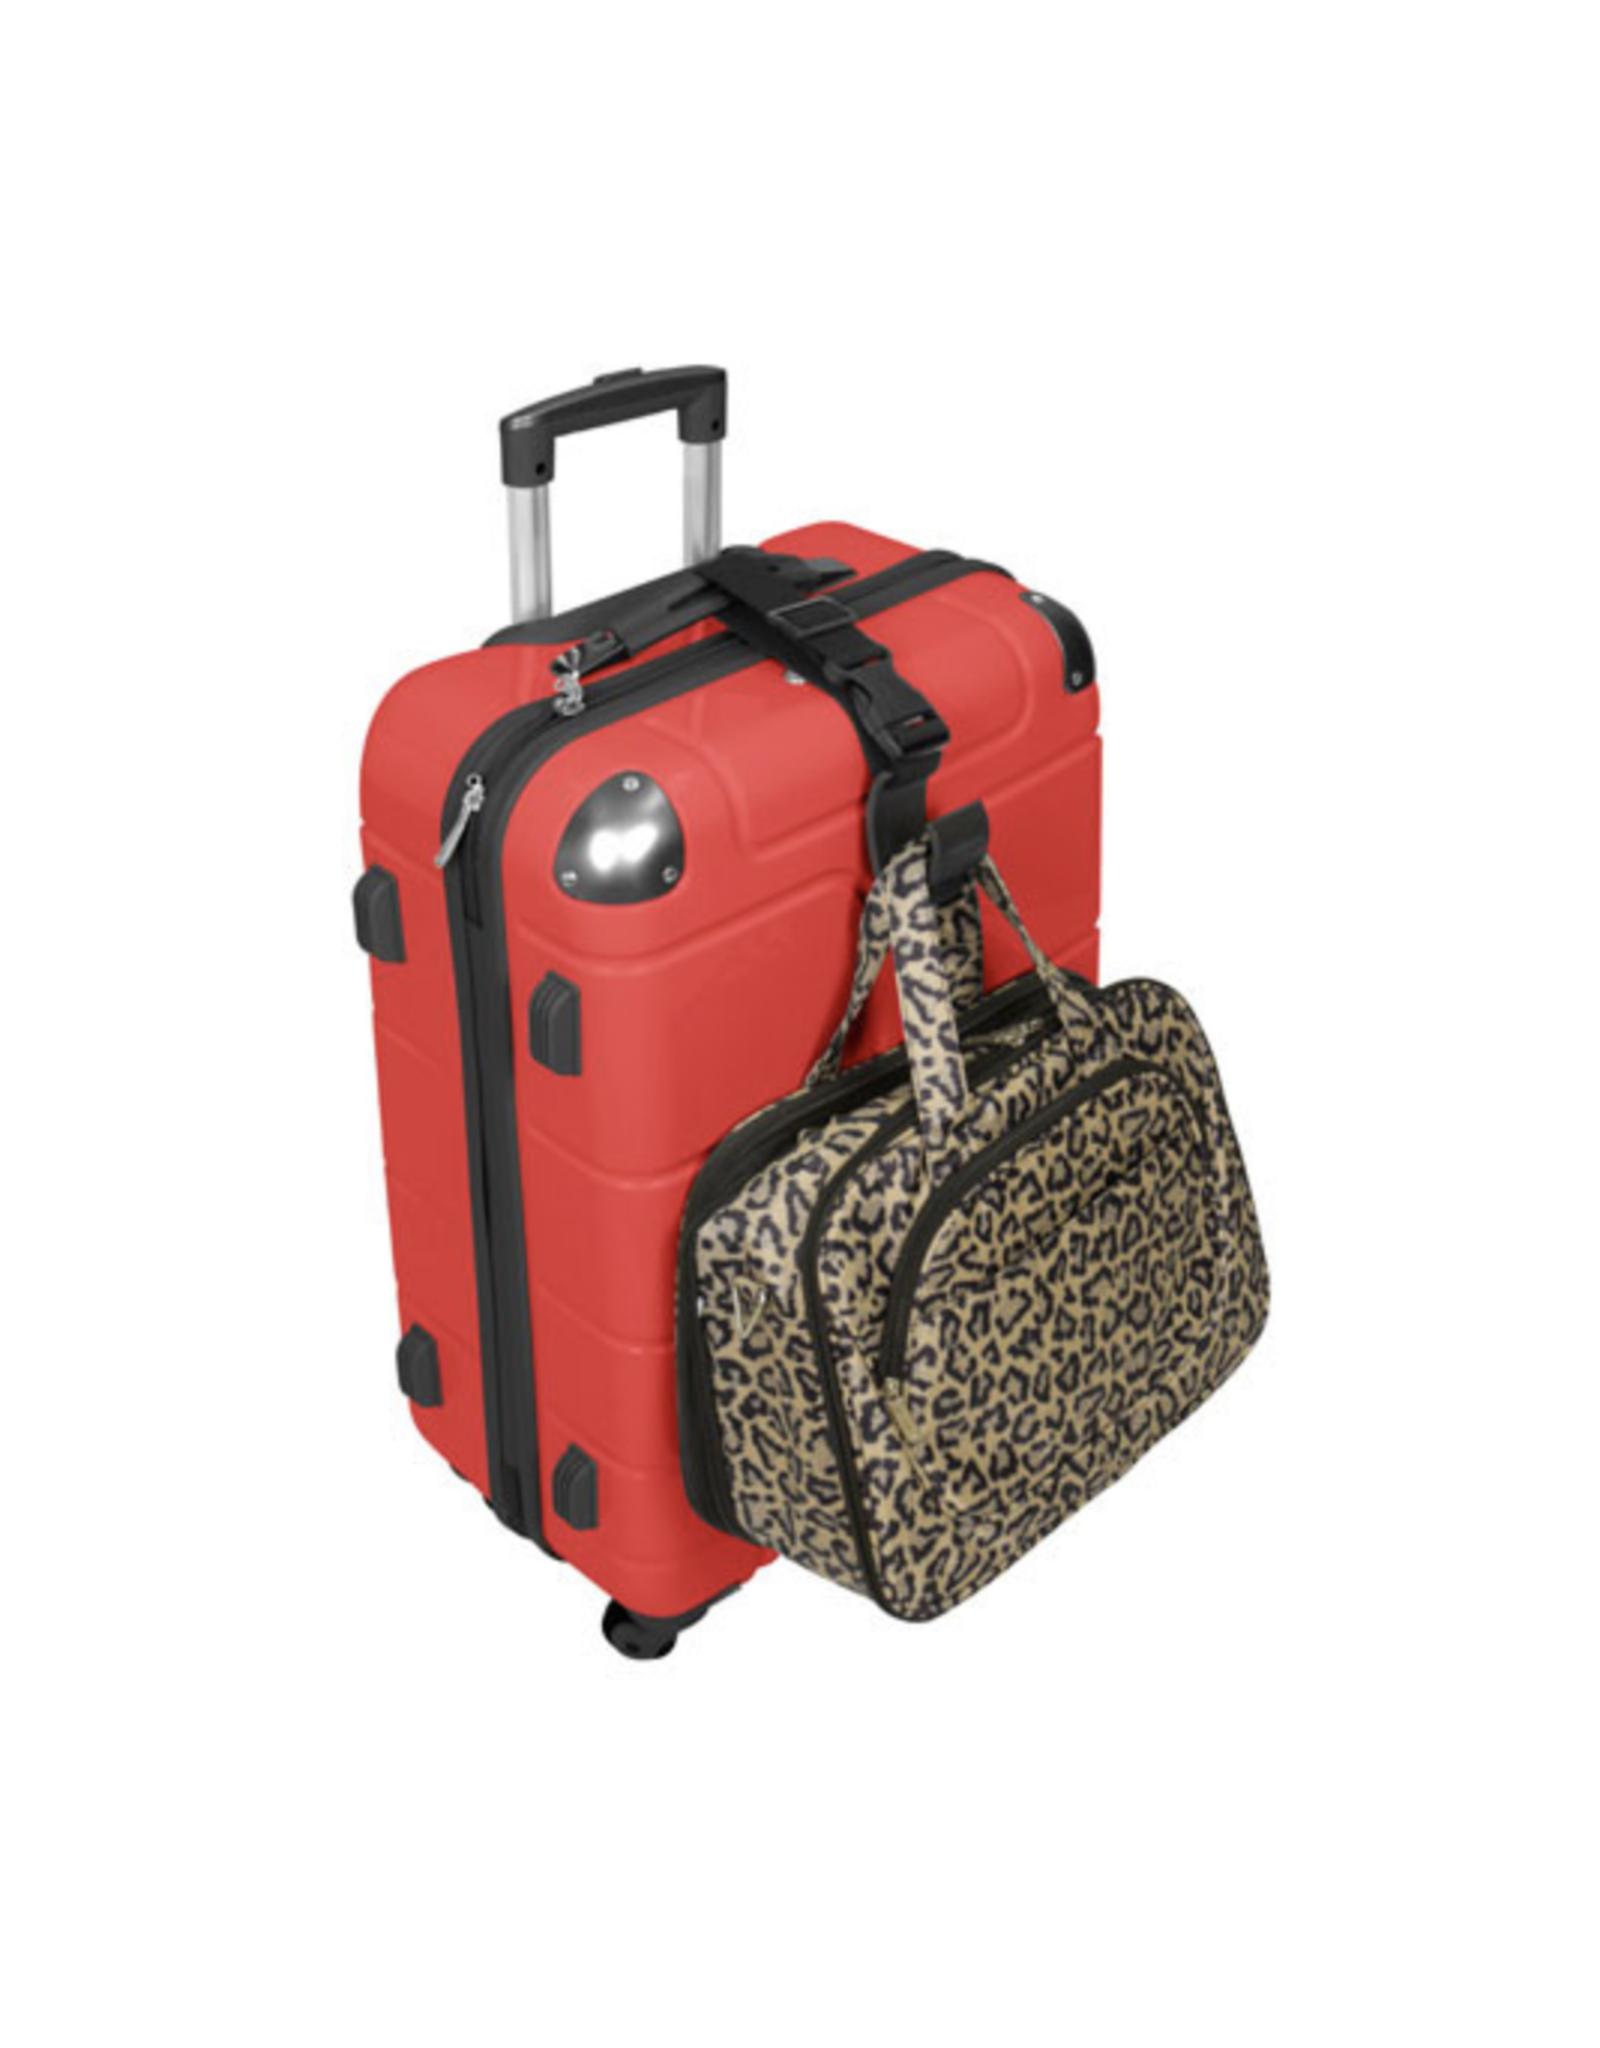 Add-A-Bag Strap